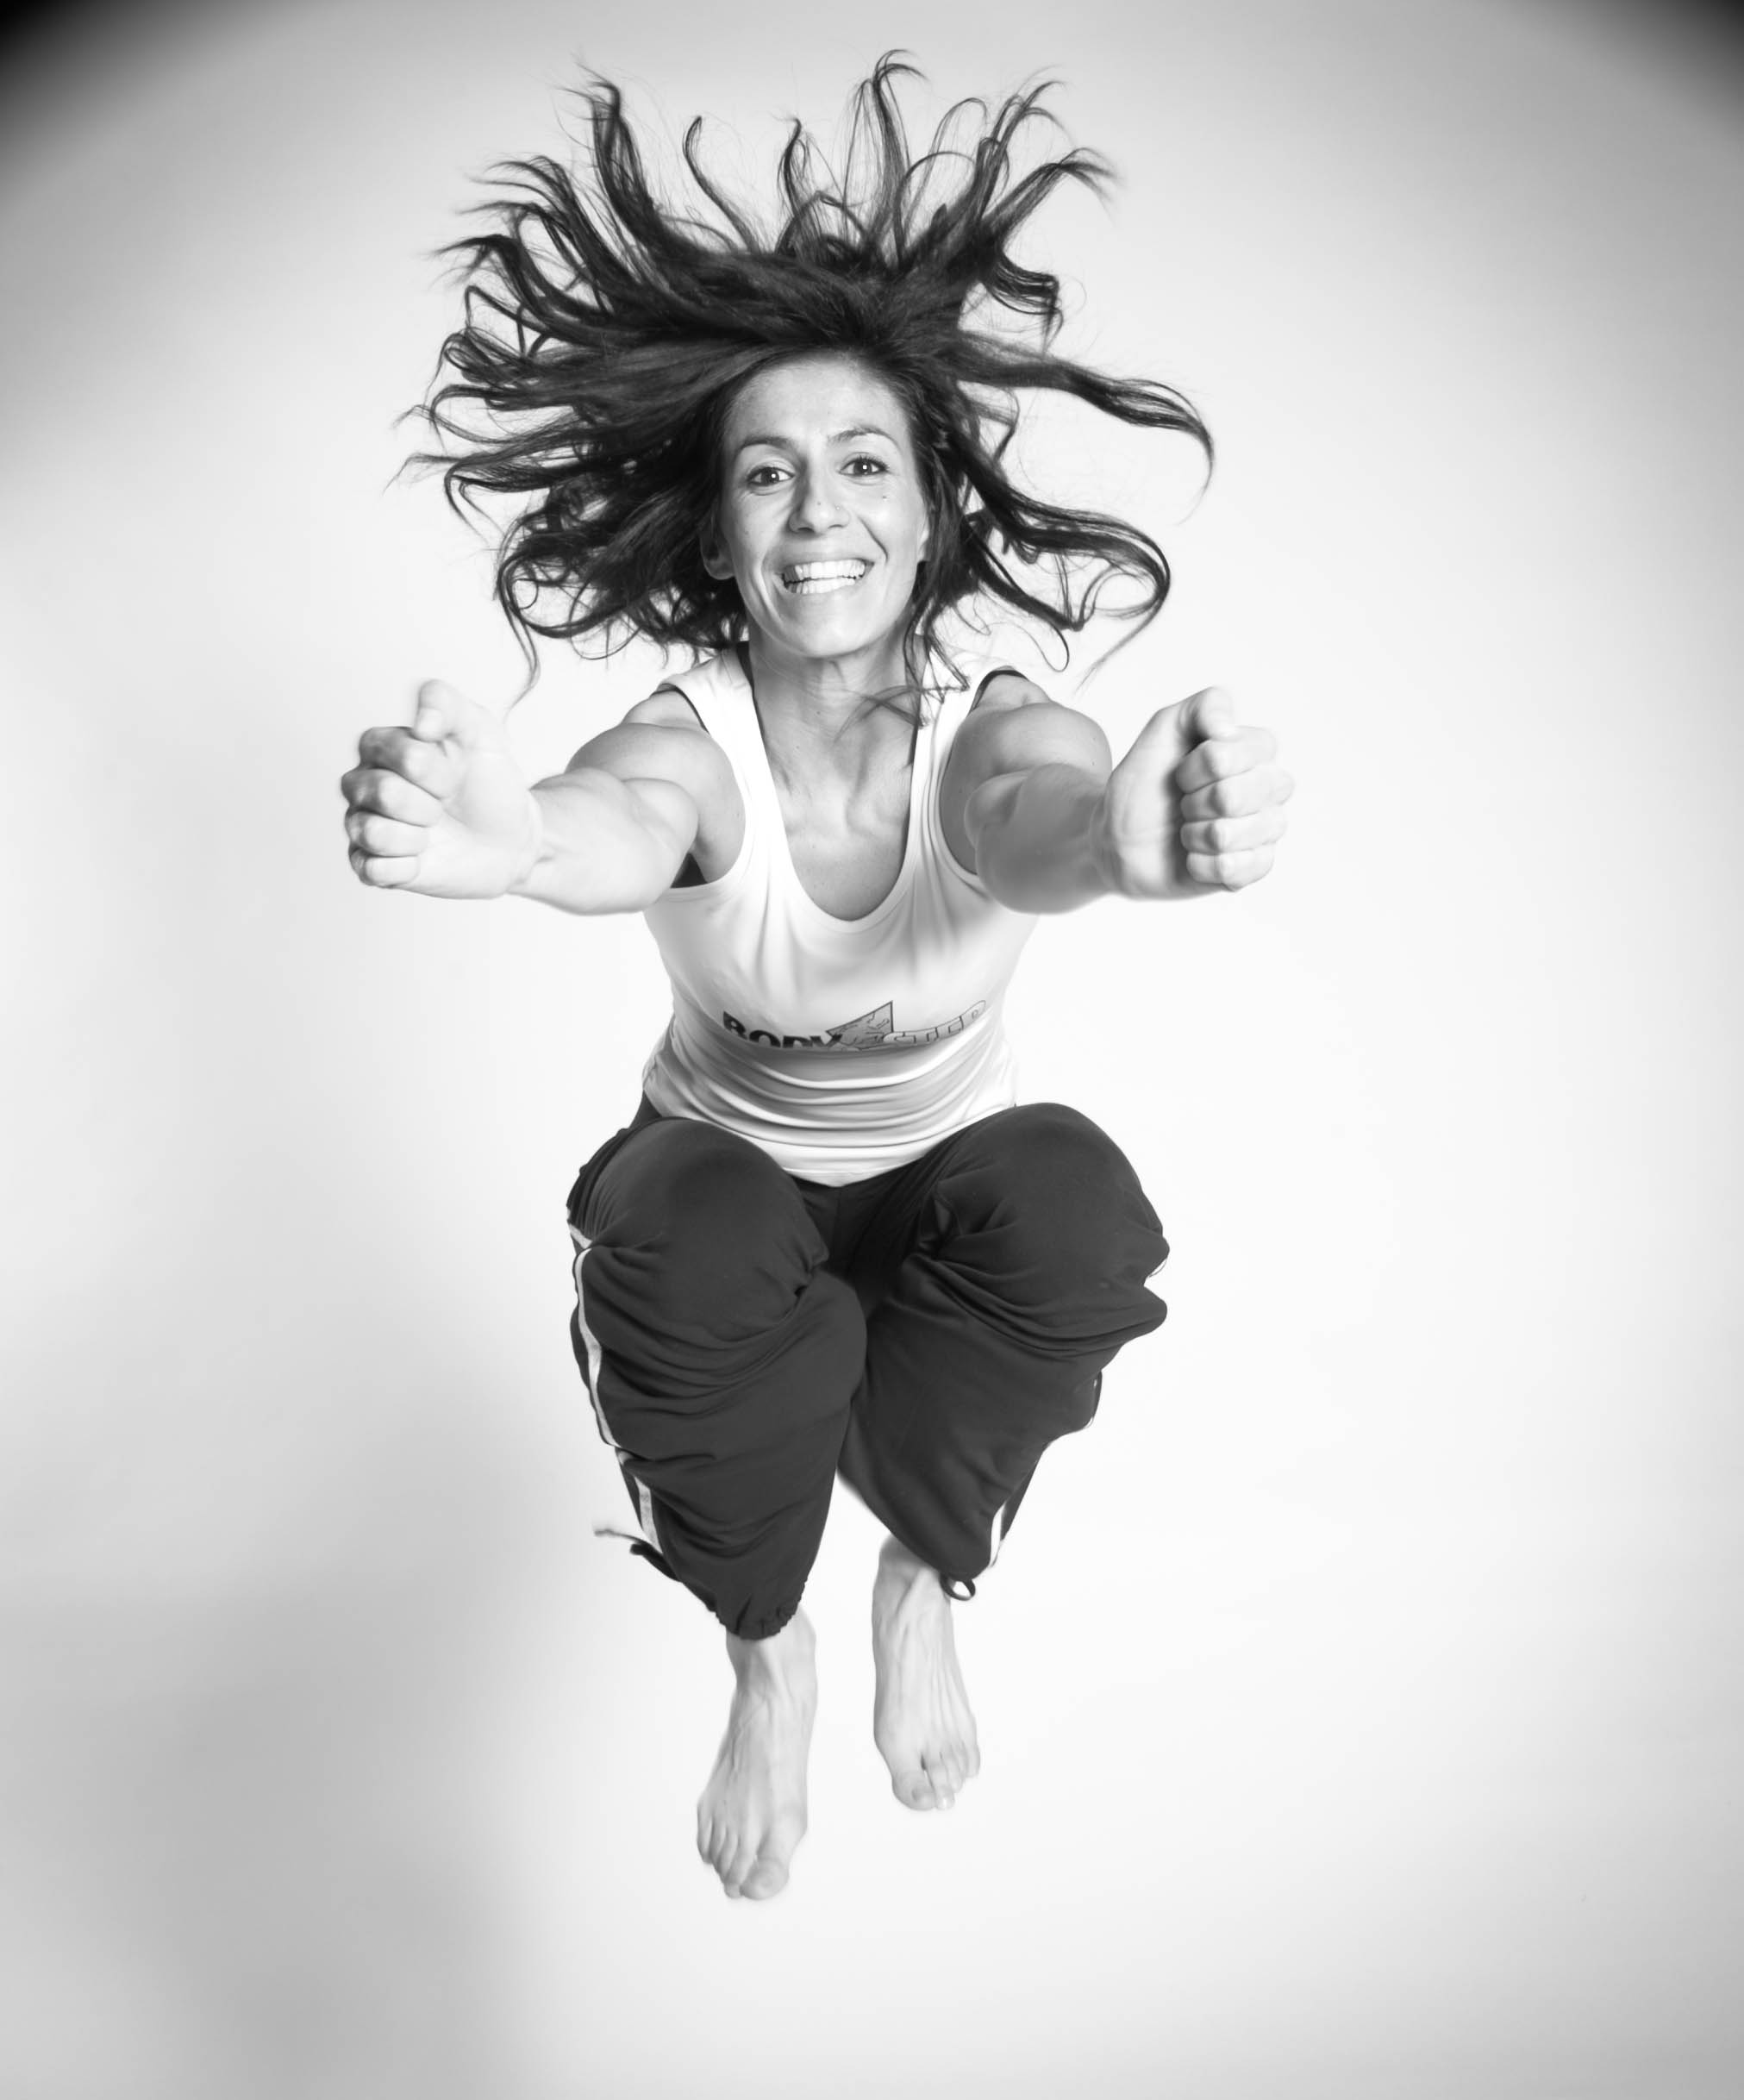 2008 - photo credit Giovanna Marino